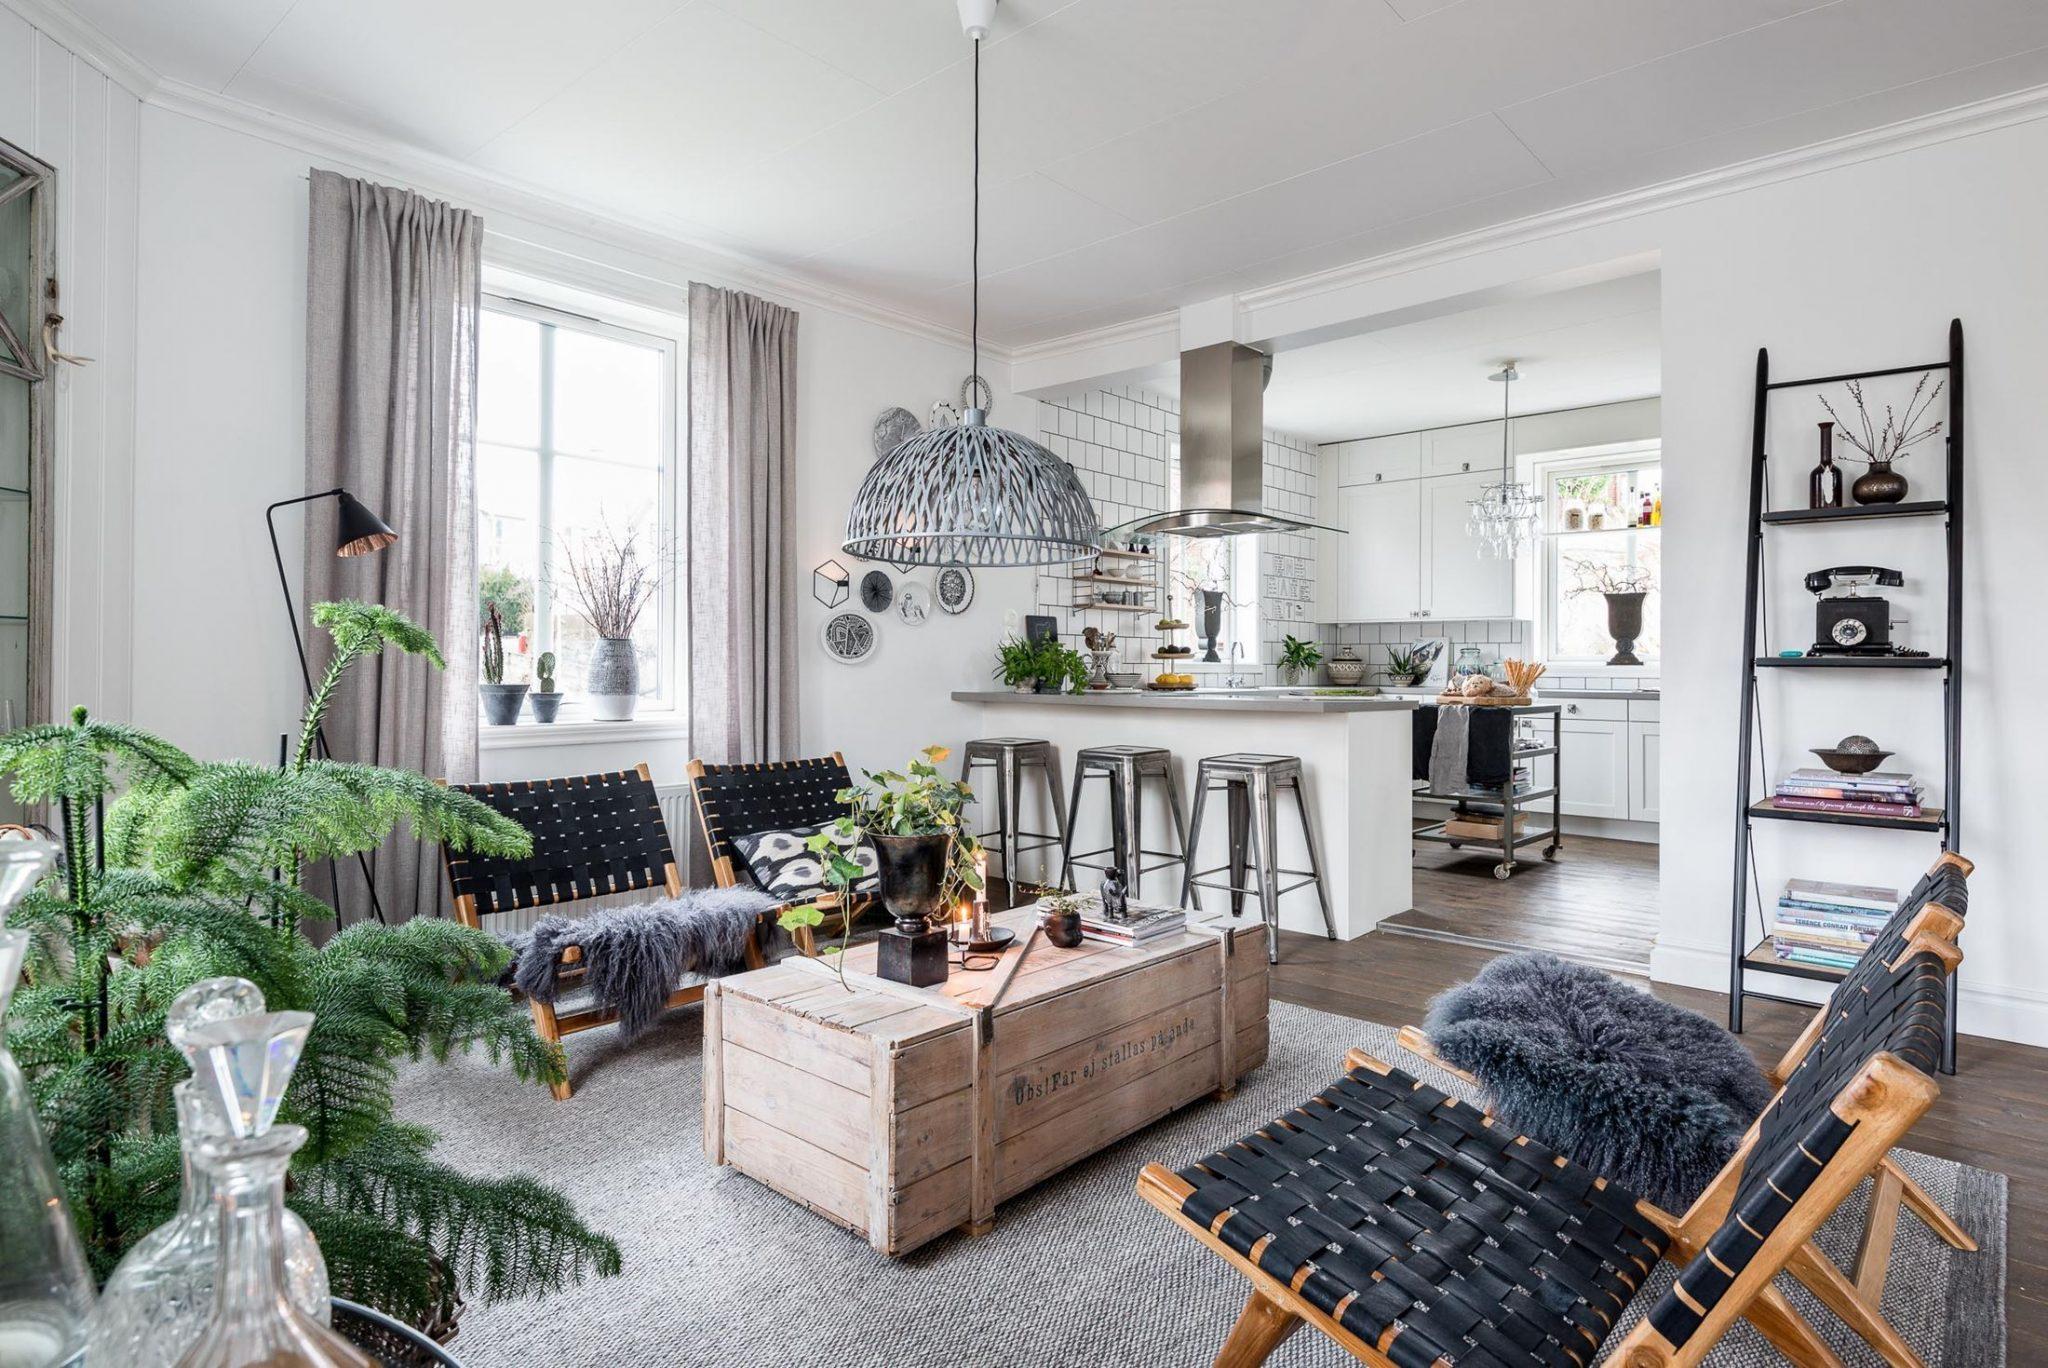 kakoj-stil-vibrat-dlya-designe-sagorodnogo-doma-5.jpg